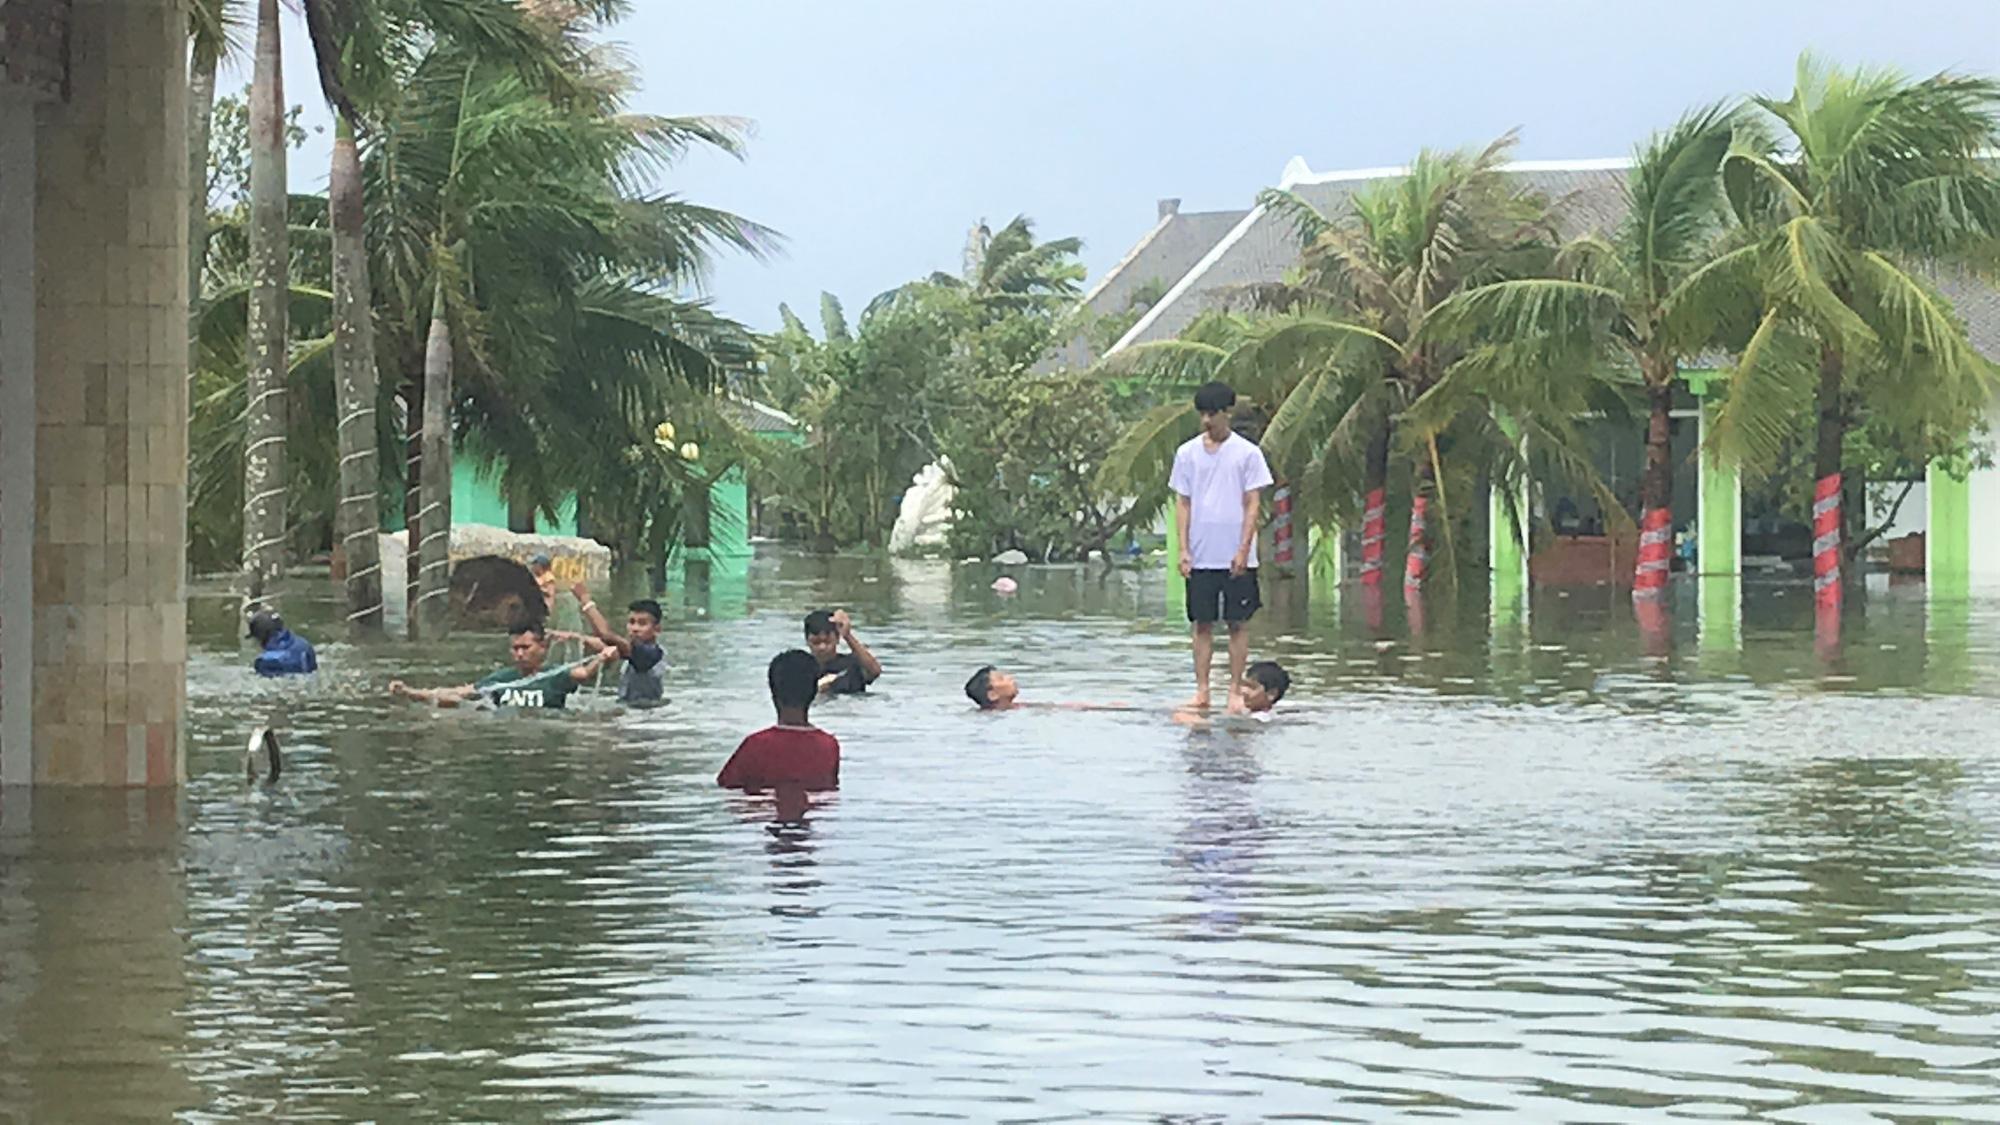 VIDEO: Lũ lụt biến khu nghỉ dưỡng 4 sao thành nơi đánh cá lý tưởng - Ảnh 2.